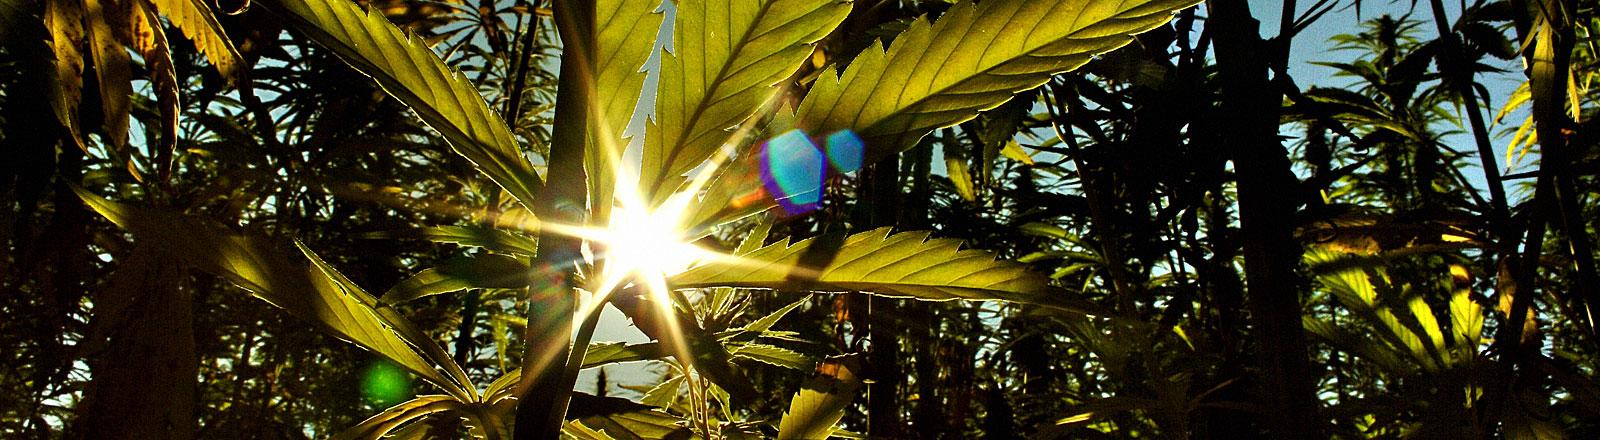 Eine Hanfpflanze im Gegenlicht der Sonne